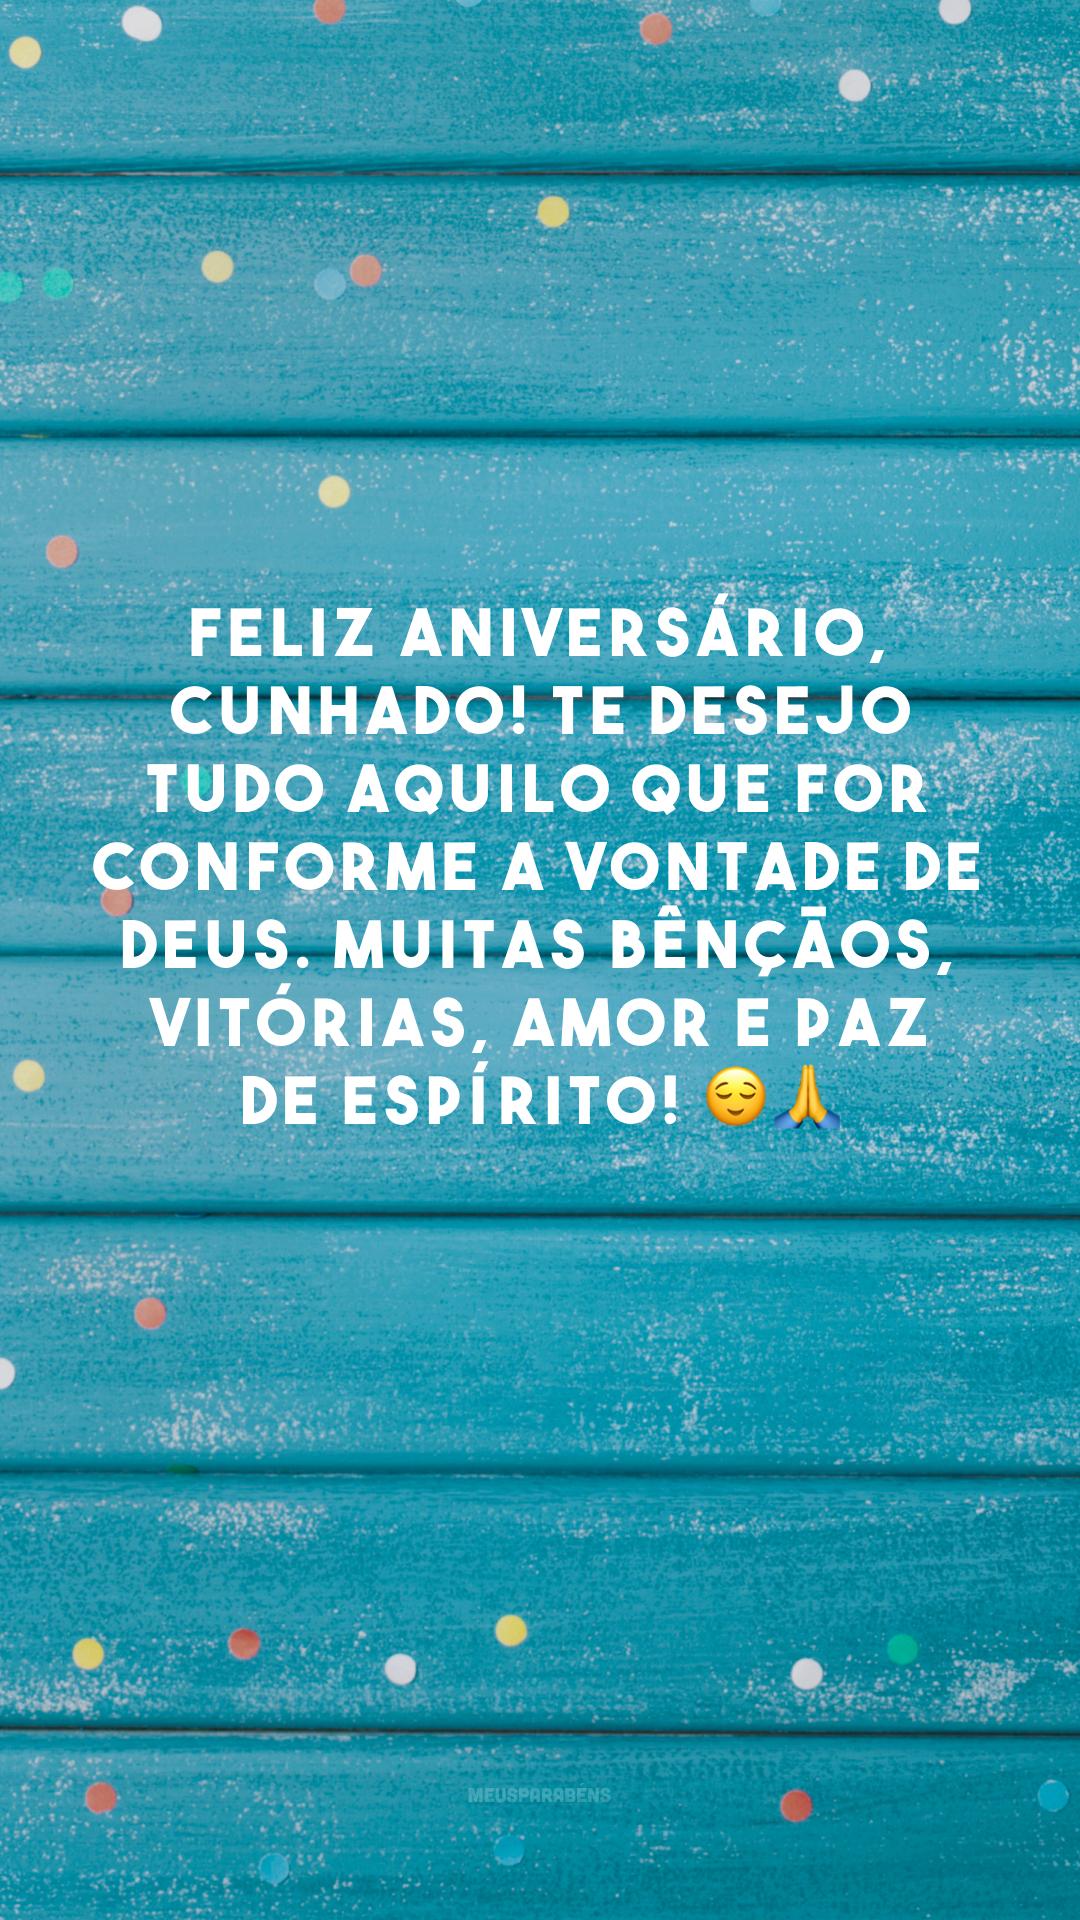 Feliz aniversário, cunhado! Te desejo tudo aquilo que for conforme a vontade de Deus. Muitas bênçãos, vitórias, amor e paz de espírito! 😌🙏